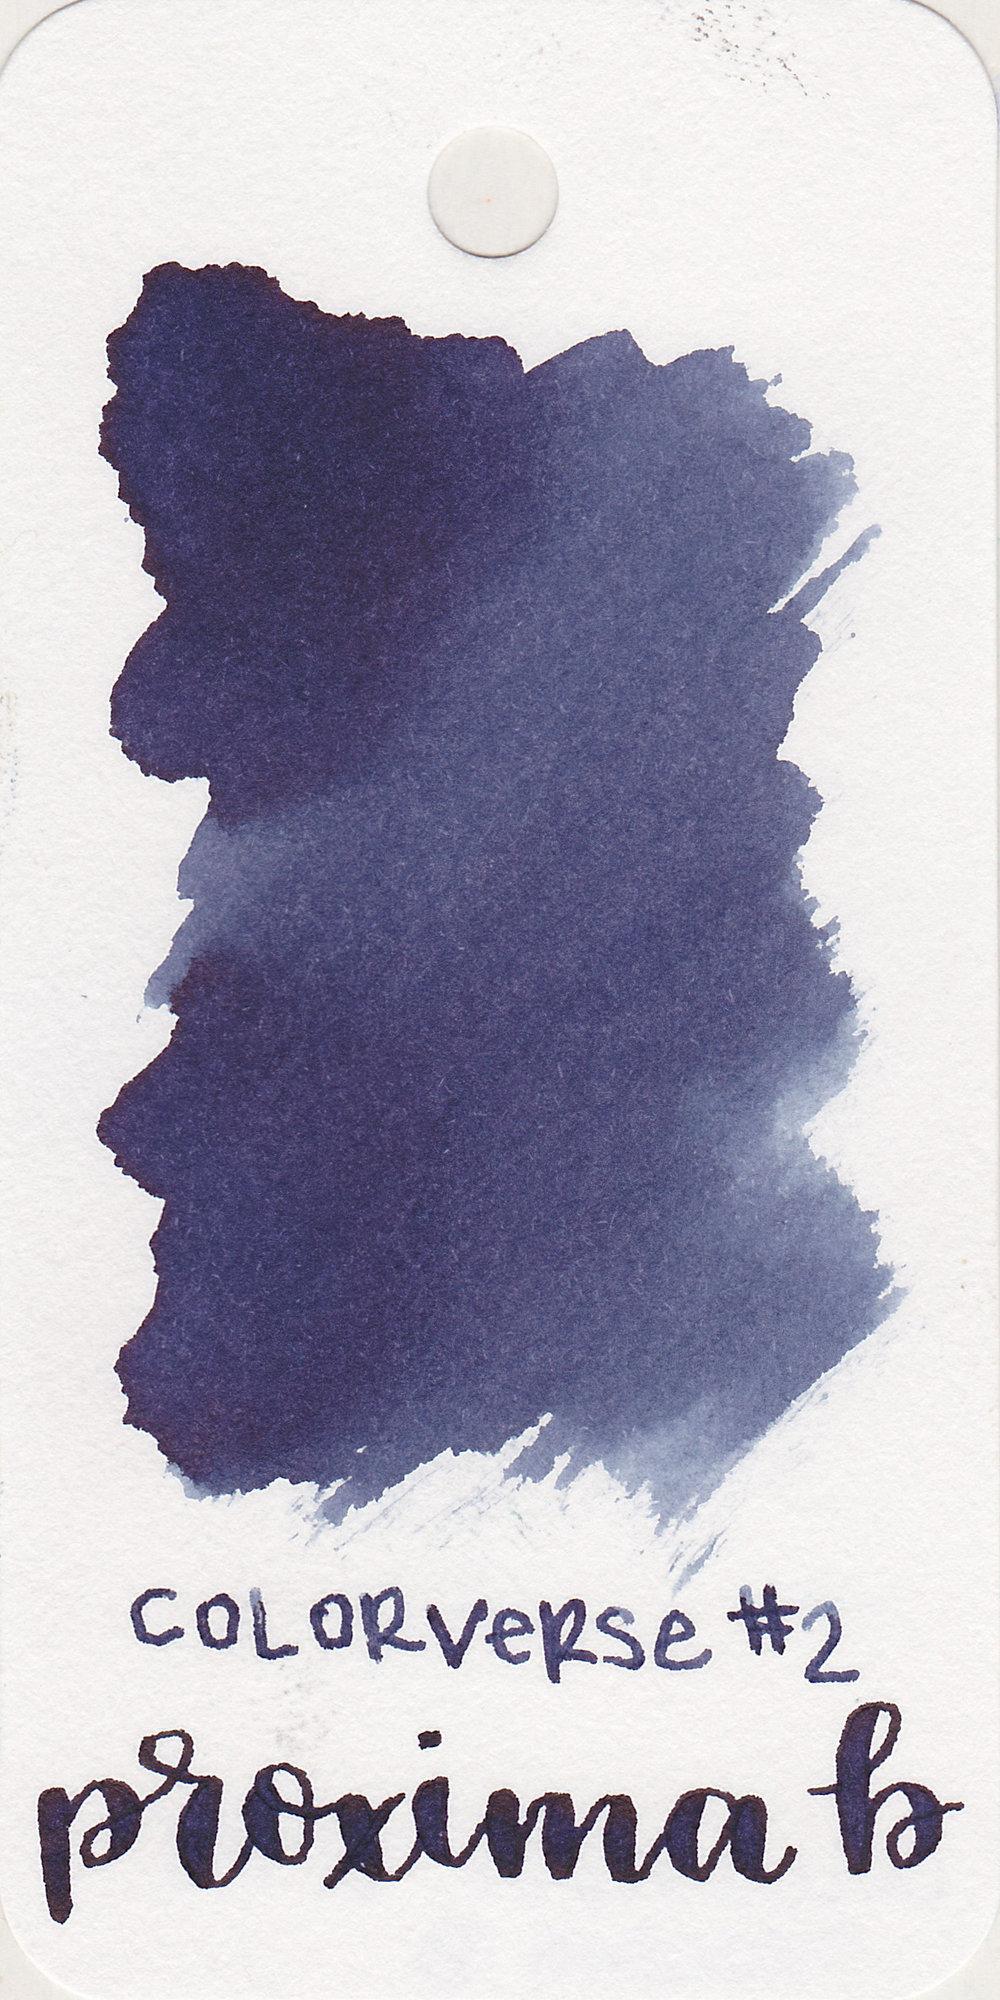 The color: - Proxima B is a pretty dark blue.